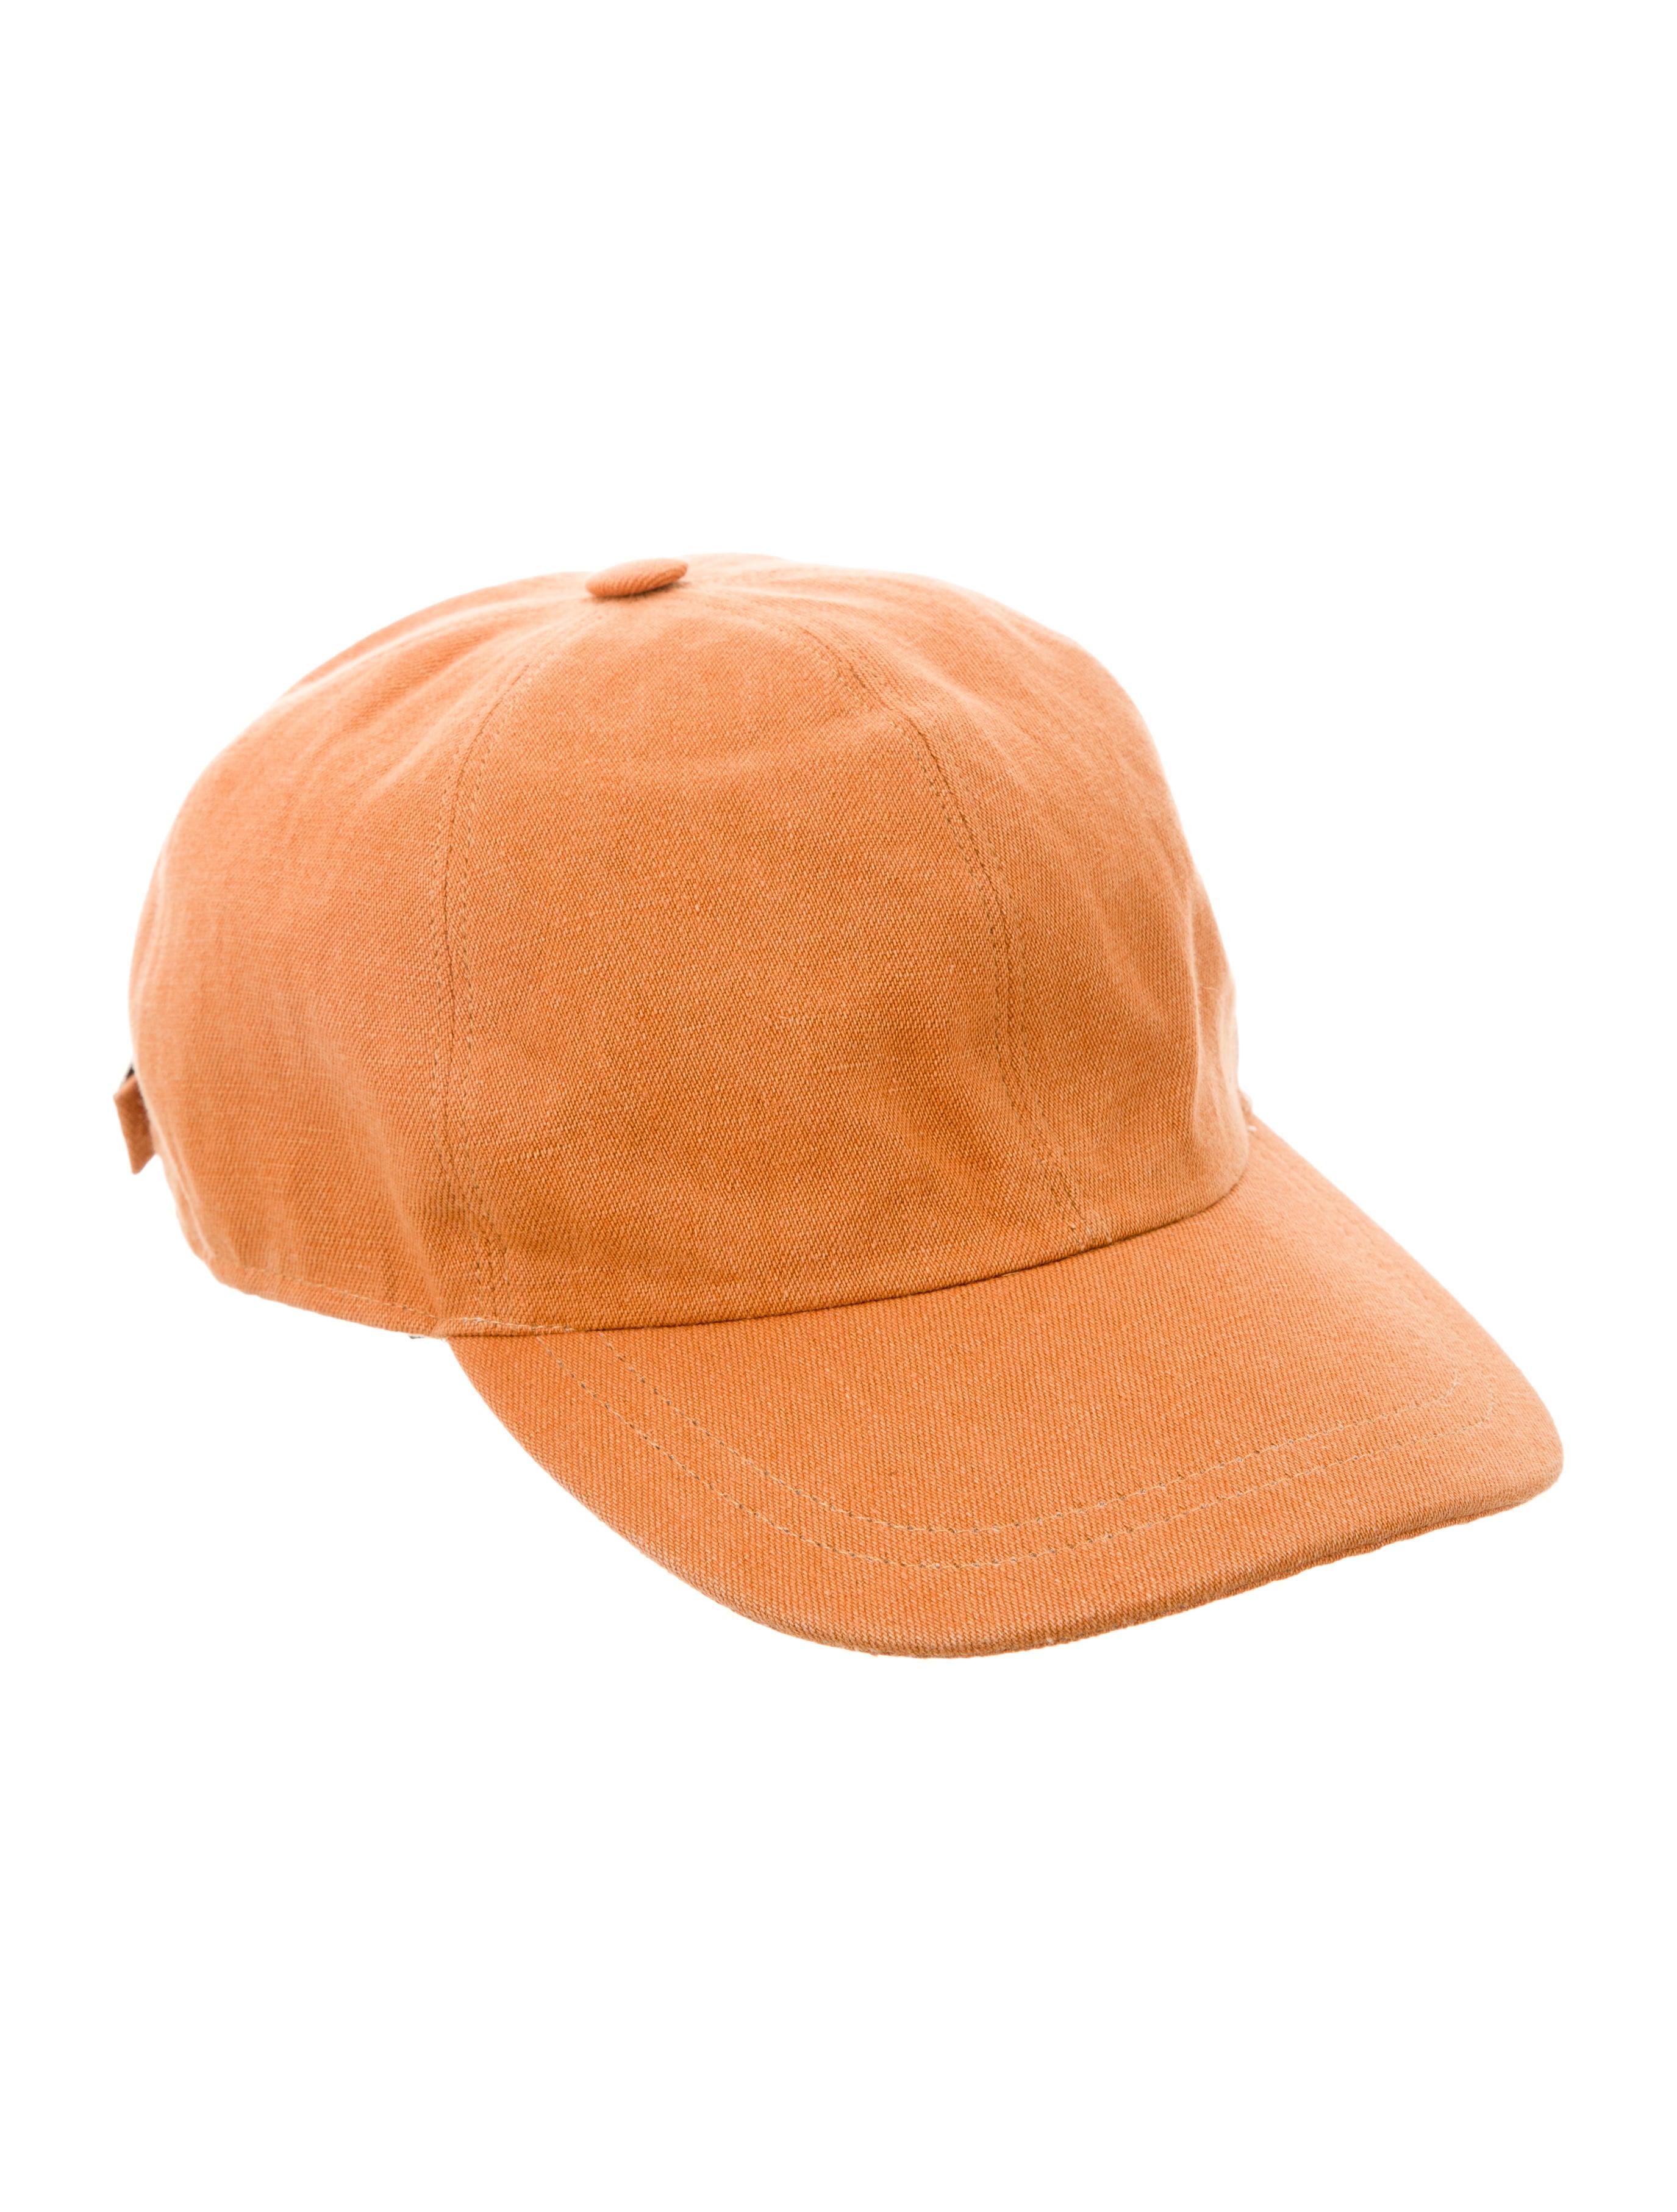 Kiton baseball cap